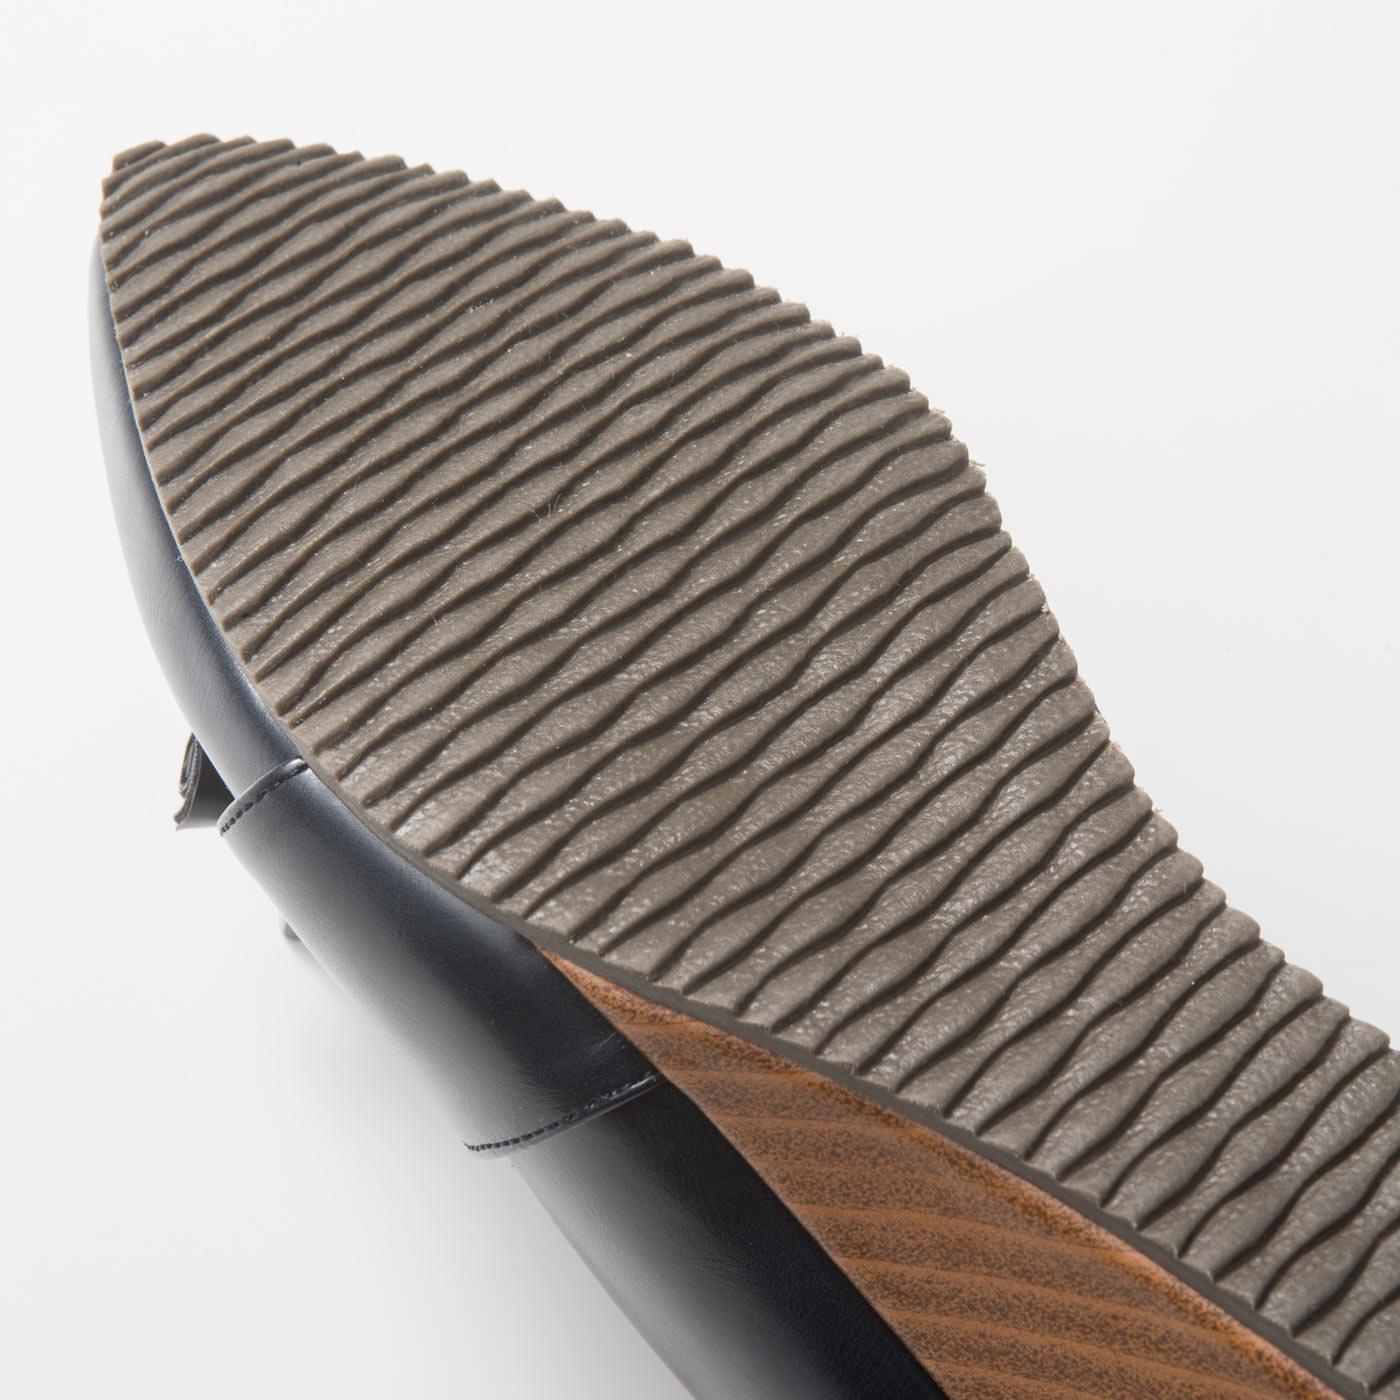 【動きに沿う底材】ぐにっと曲がって動きにもきれいに沿うゴムの底材。